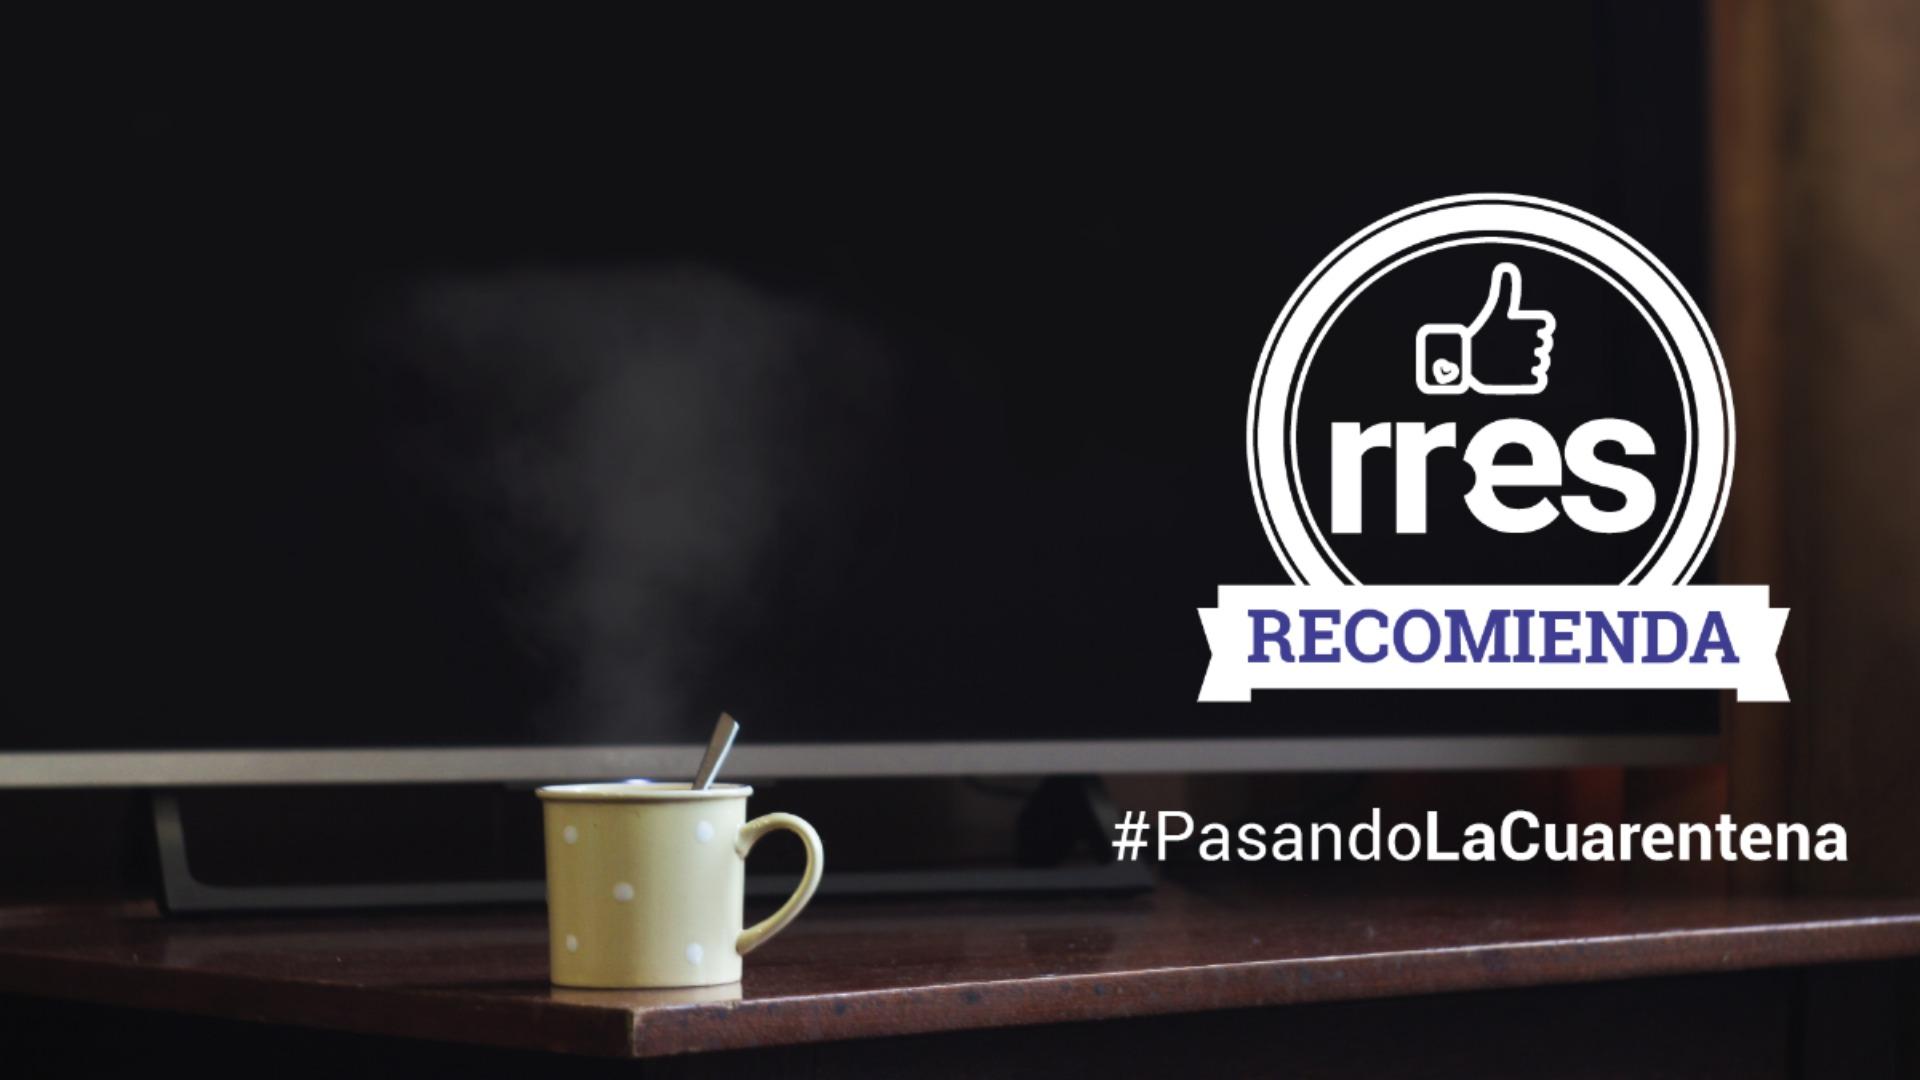 #PasandoLaCuarentena | Unimet ofrece 16 cursos online y gratuitos para aprender en casa #2Abr